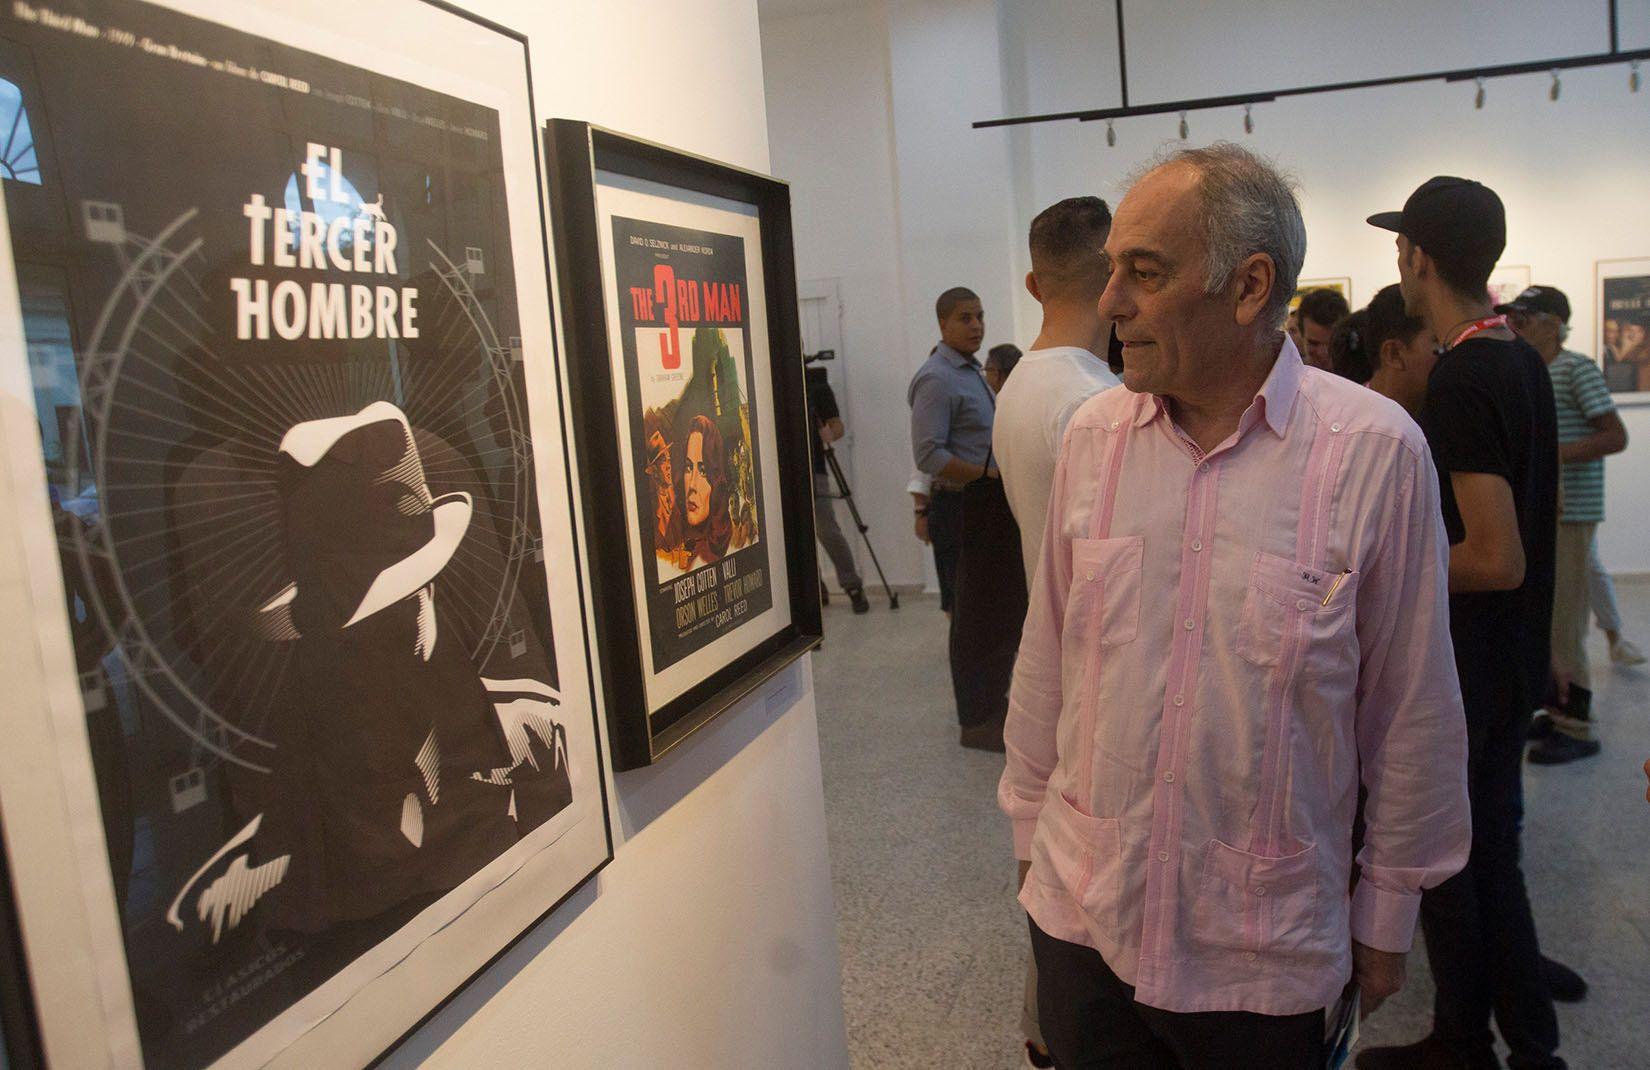 """Alberto Navarro González, embajador de la Unión Europea en Cuba, observa los carteles de la exposición """"Clásicos restaurados del cine europeo"""", en la galería 23 y 12, de La Habana. Foto: Yander Zamora / EFE."""